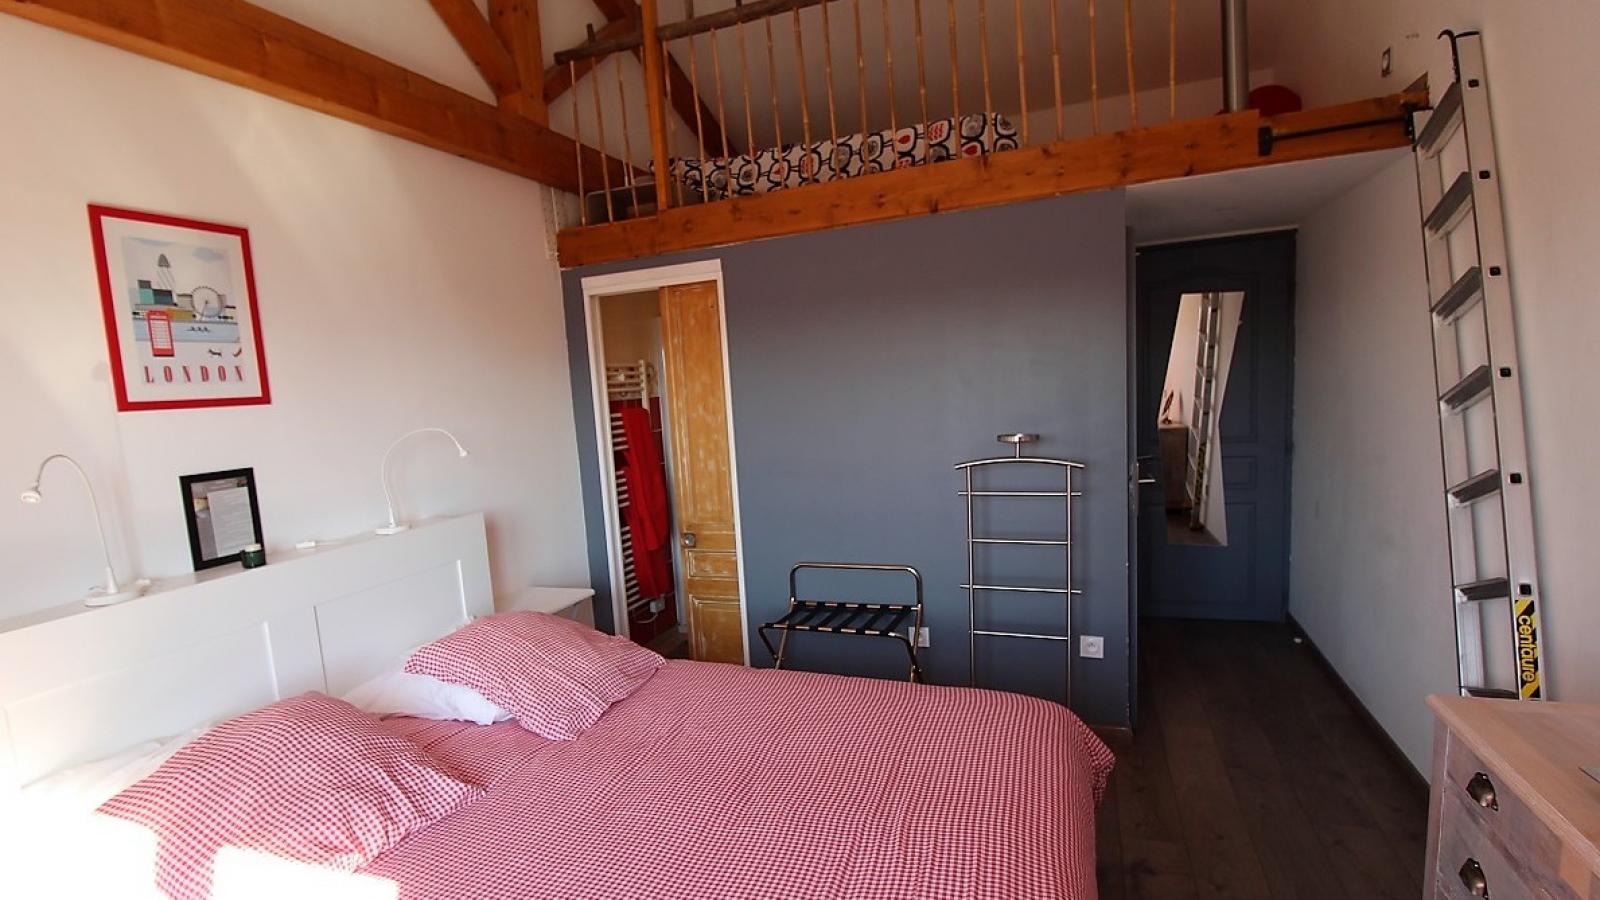 Chambres d'Hôtes des 2 Chênes à Bessenay dans le Lyonnais - Rhône : la Chambre ' Griotte de Courzieu'.